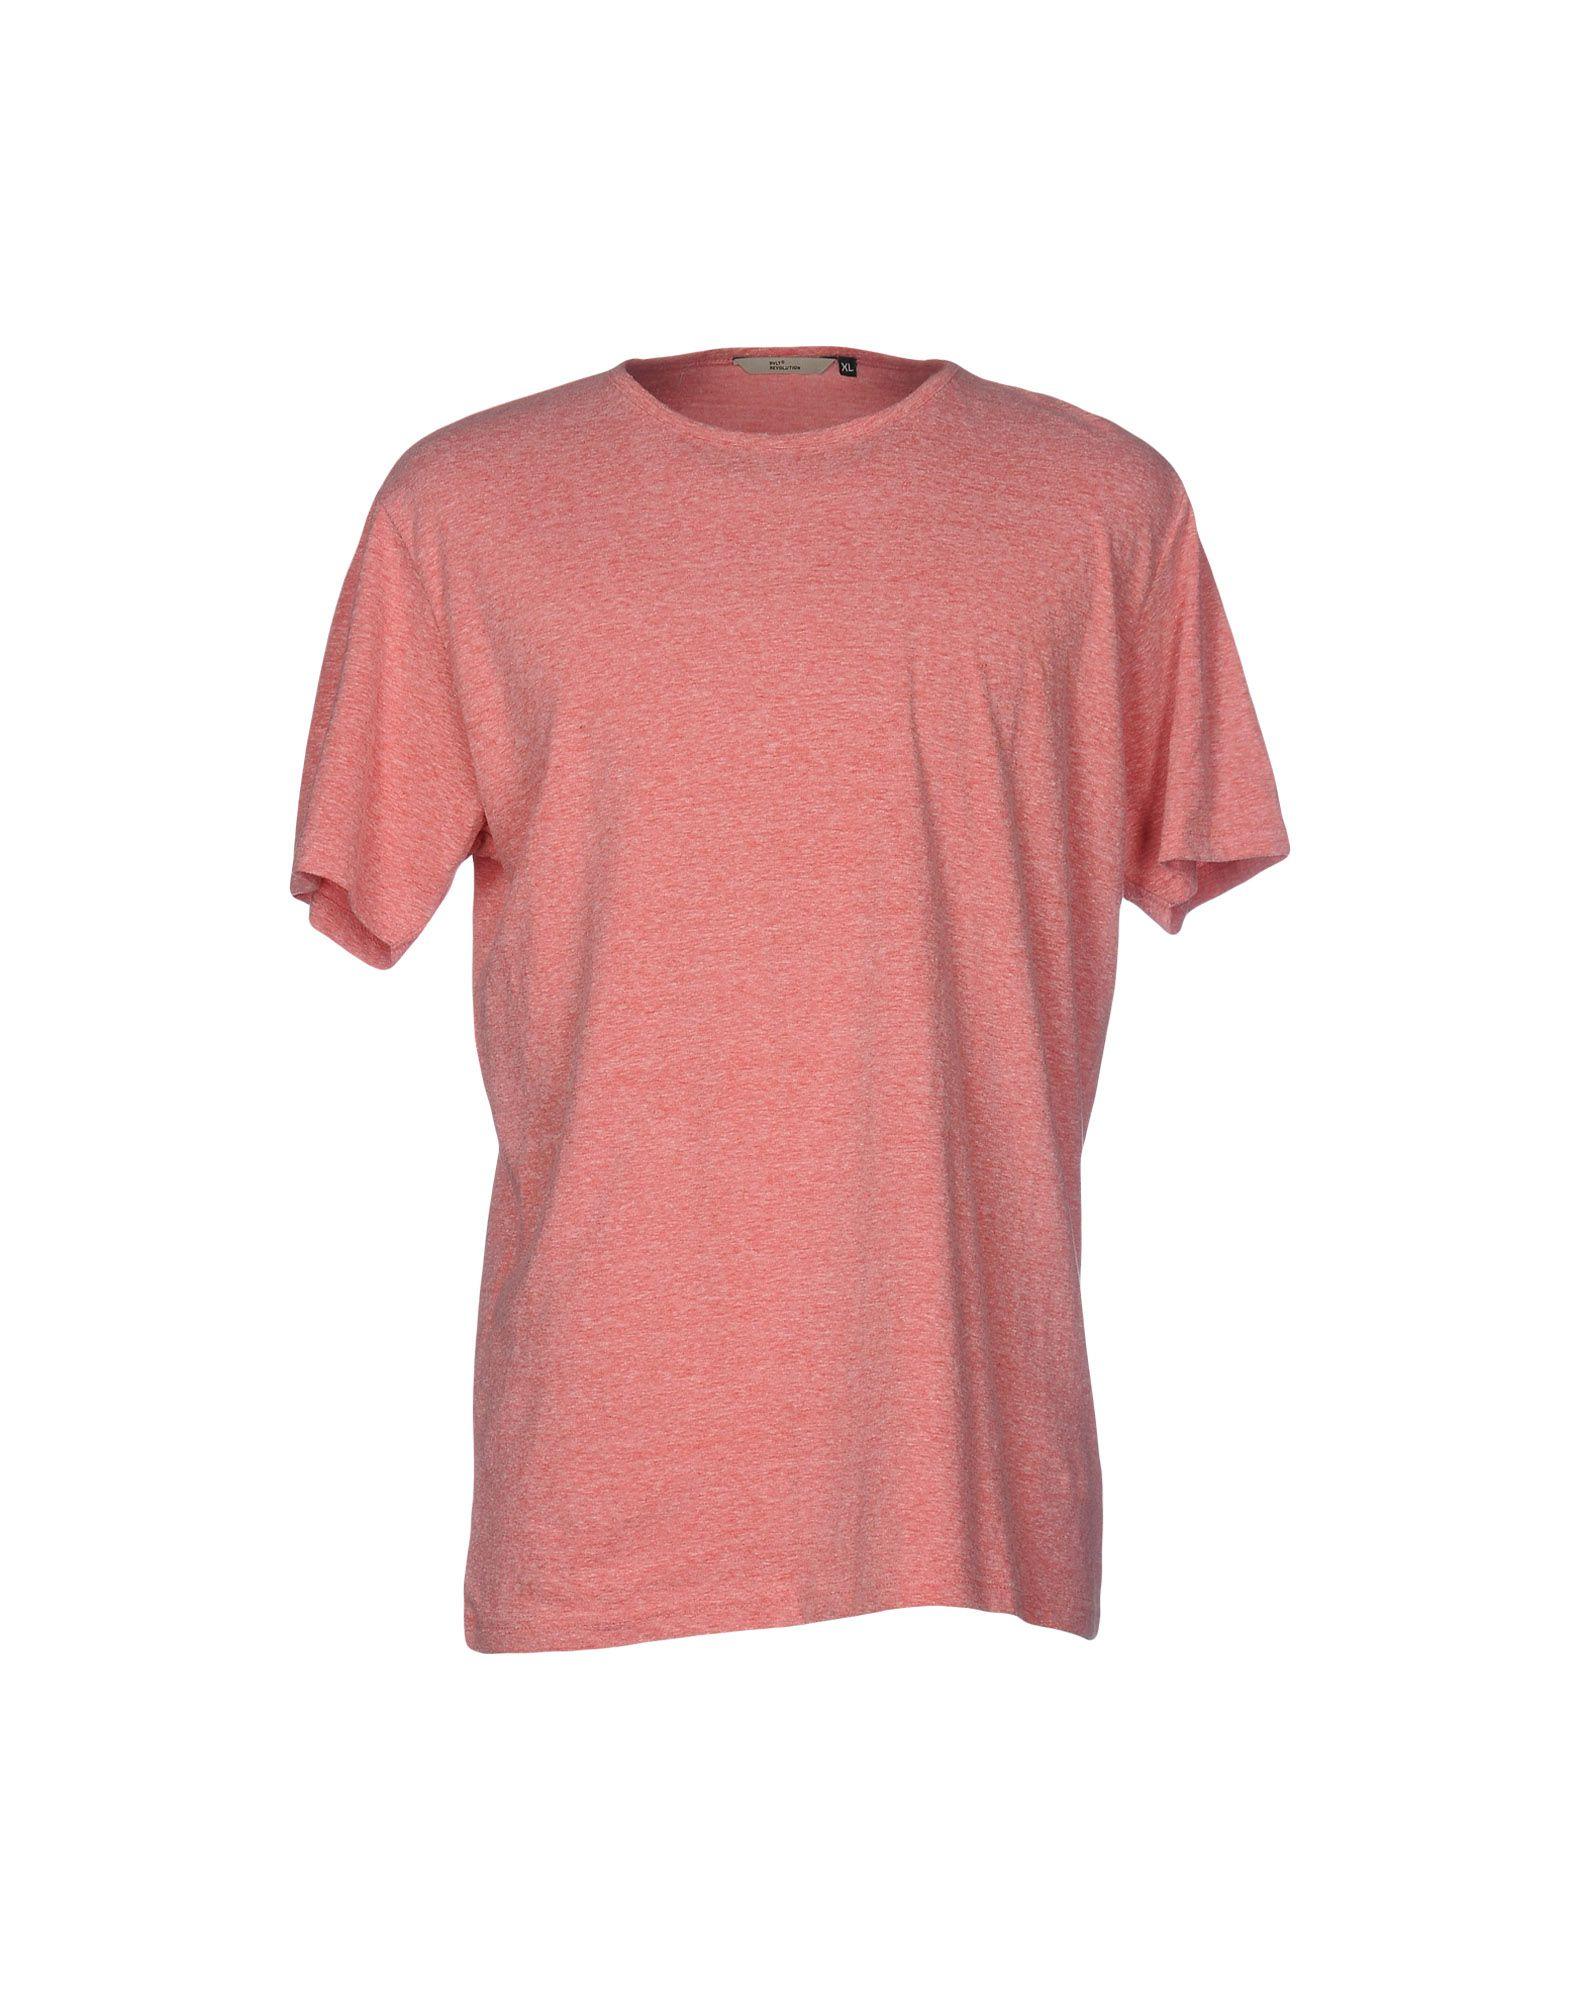 RVLT/REVOLUTION Футболка rvlt revolution футболка rvlt revolution модель 2825153